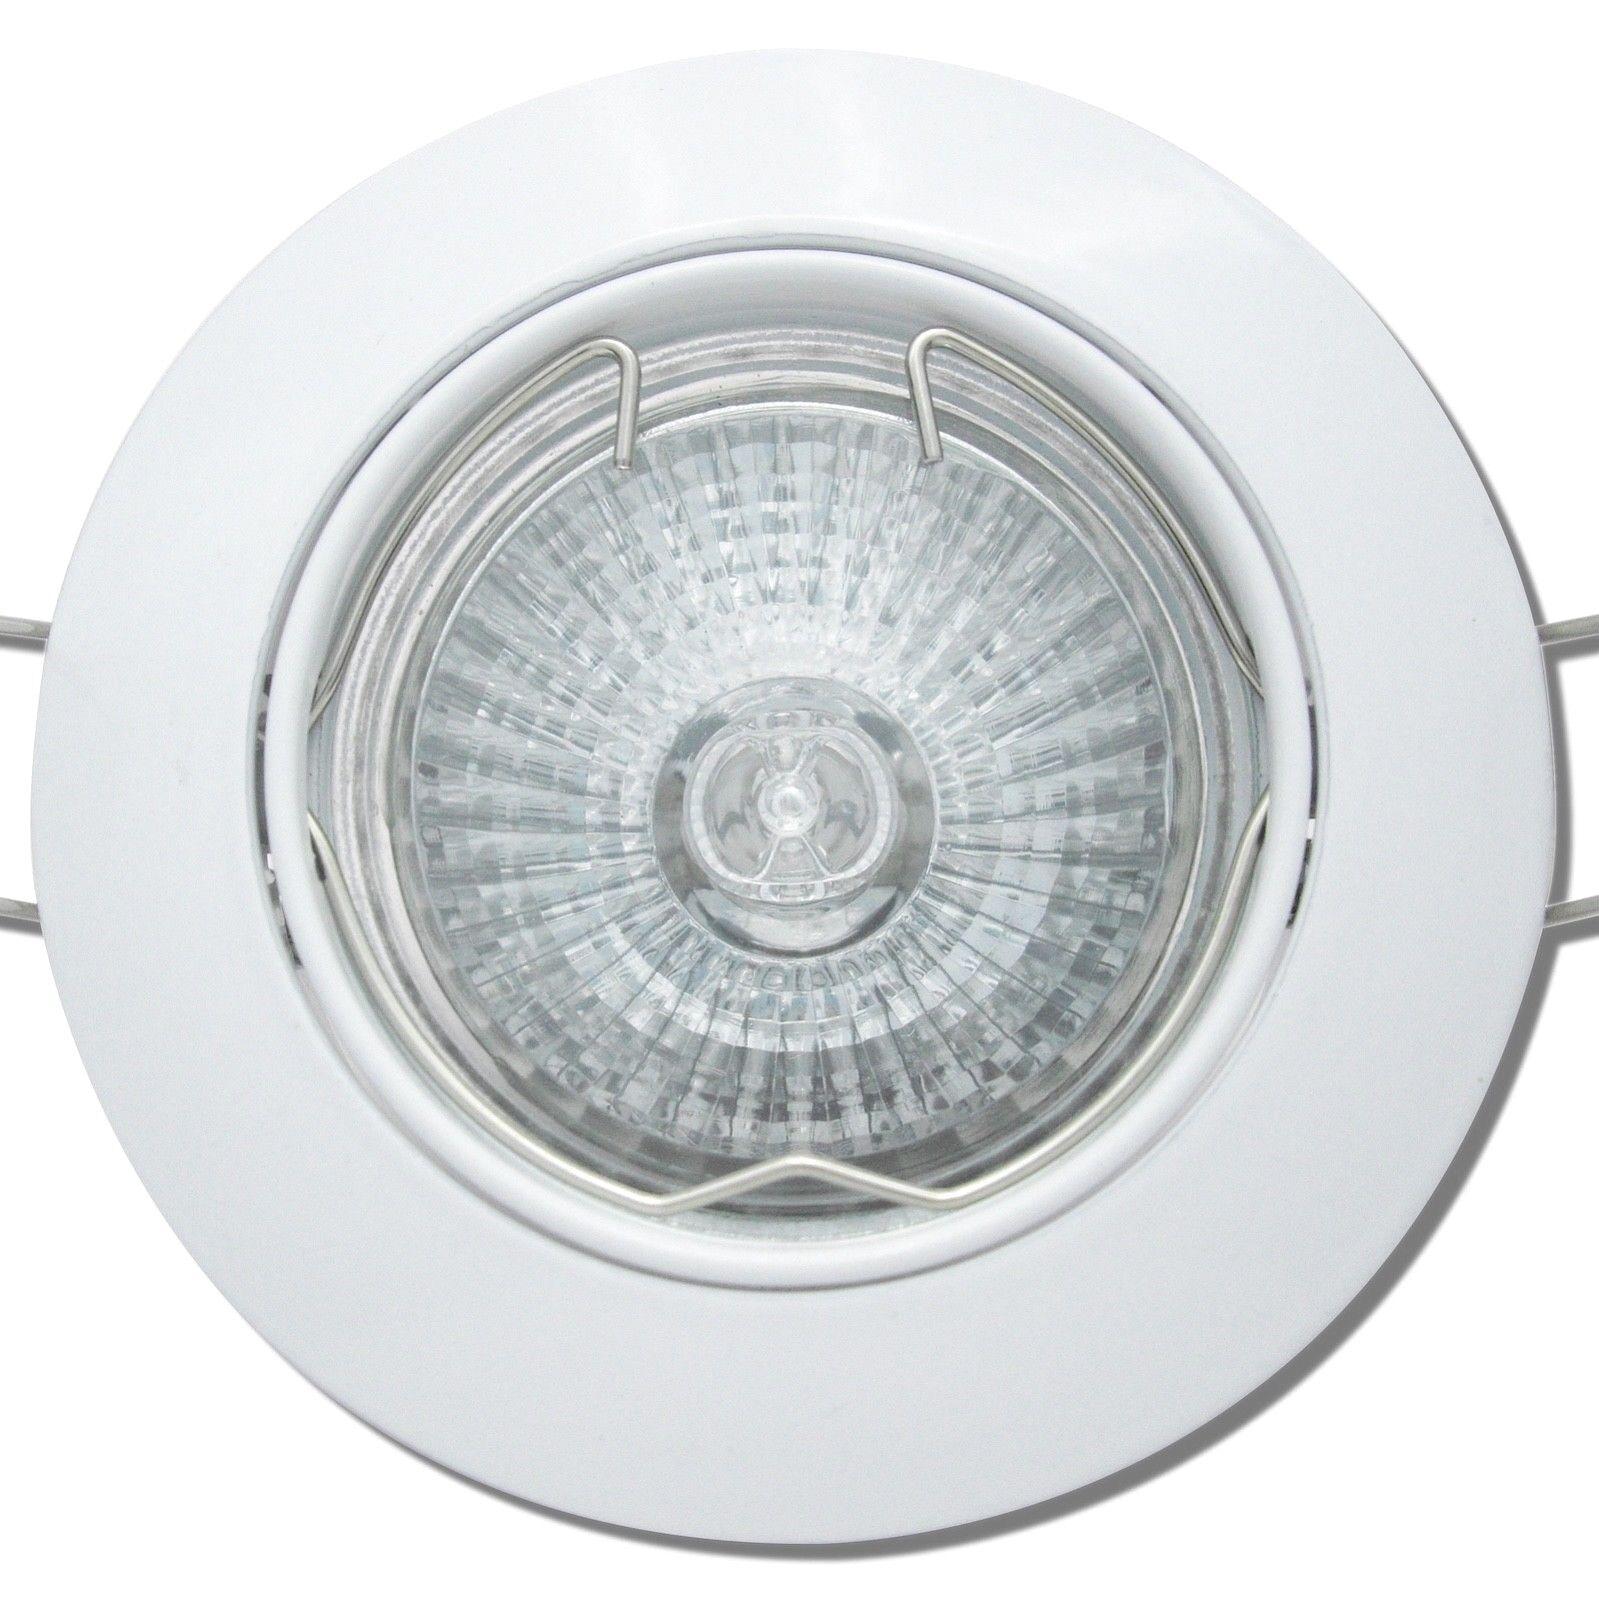 7 x Gu10 Halogen Einbauleuchten Einbaulampen JAN 230V Spot-Downlights Farbe Weiß